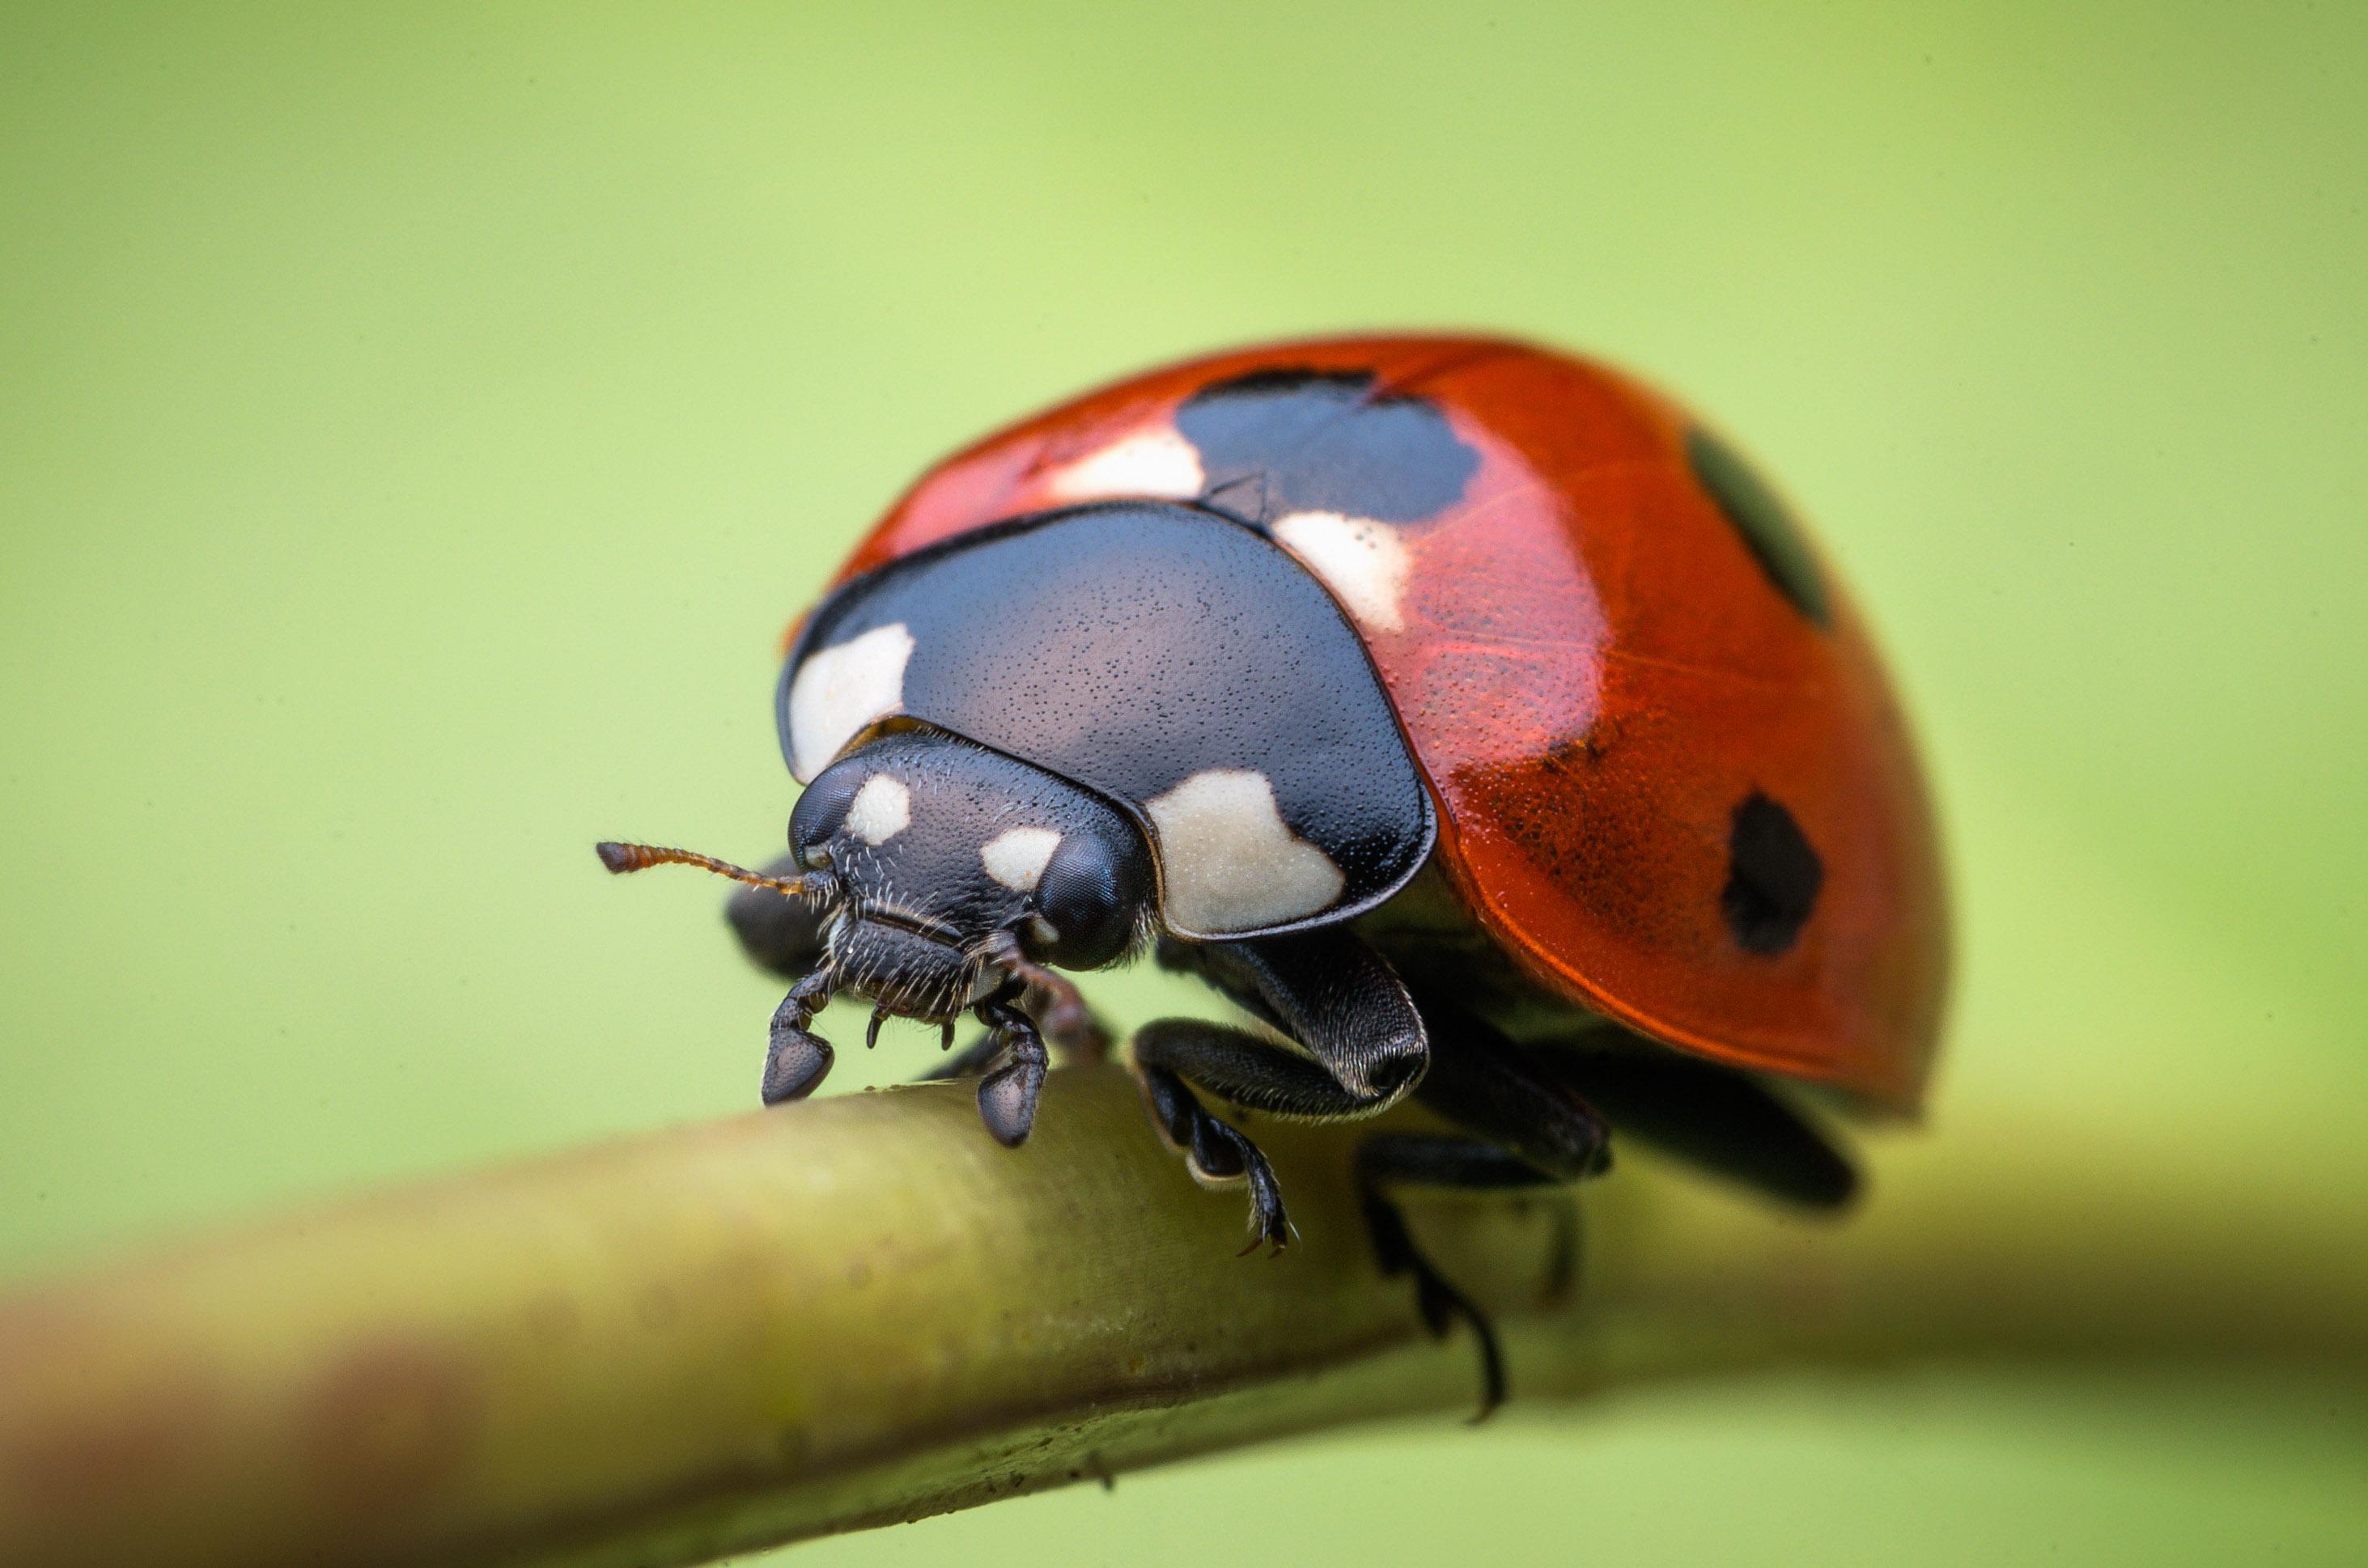 Lady Beetle Venus 60mm Macros Laowa Lens